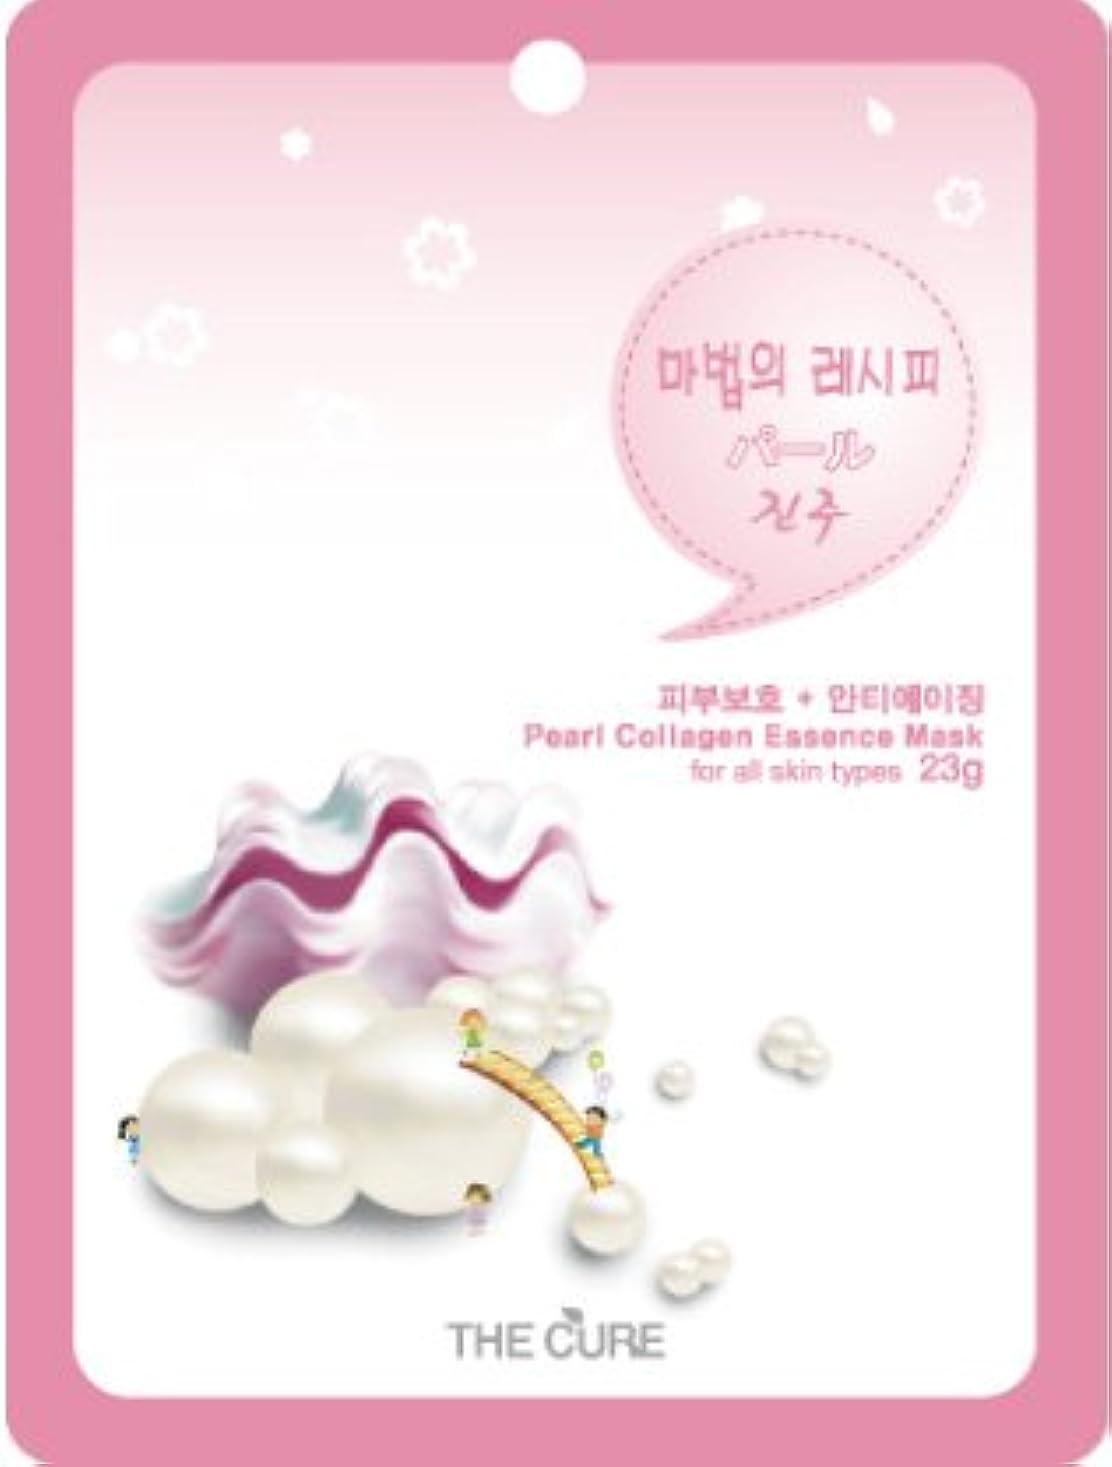 侮辱インチ言い直す真珠 (パール) コラーゲン エッセンス マスク THE CURE シート パック 10枚セット 韓国 コスメ 乾燥肌 オイリー肌 混合肌